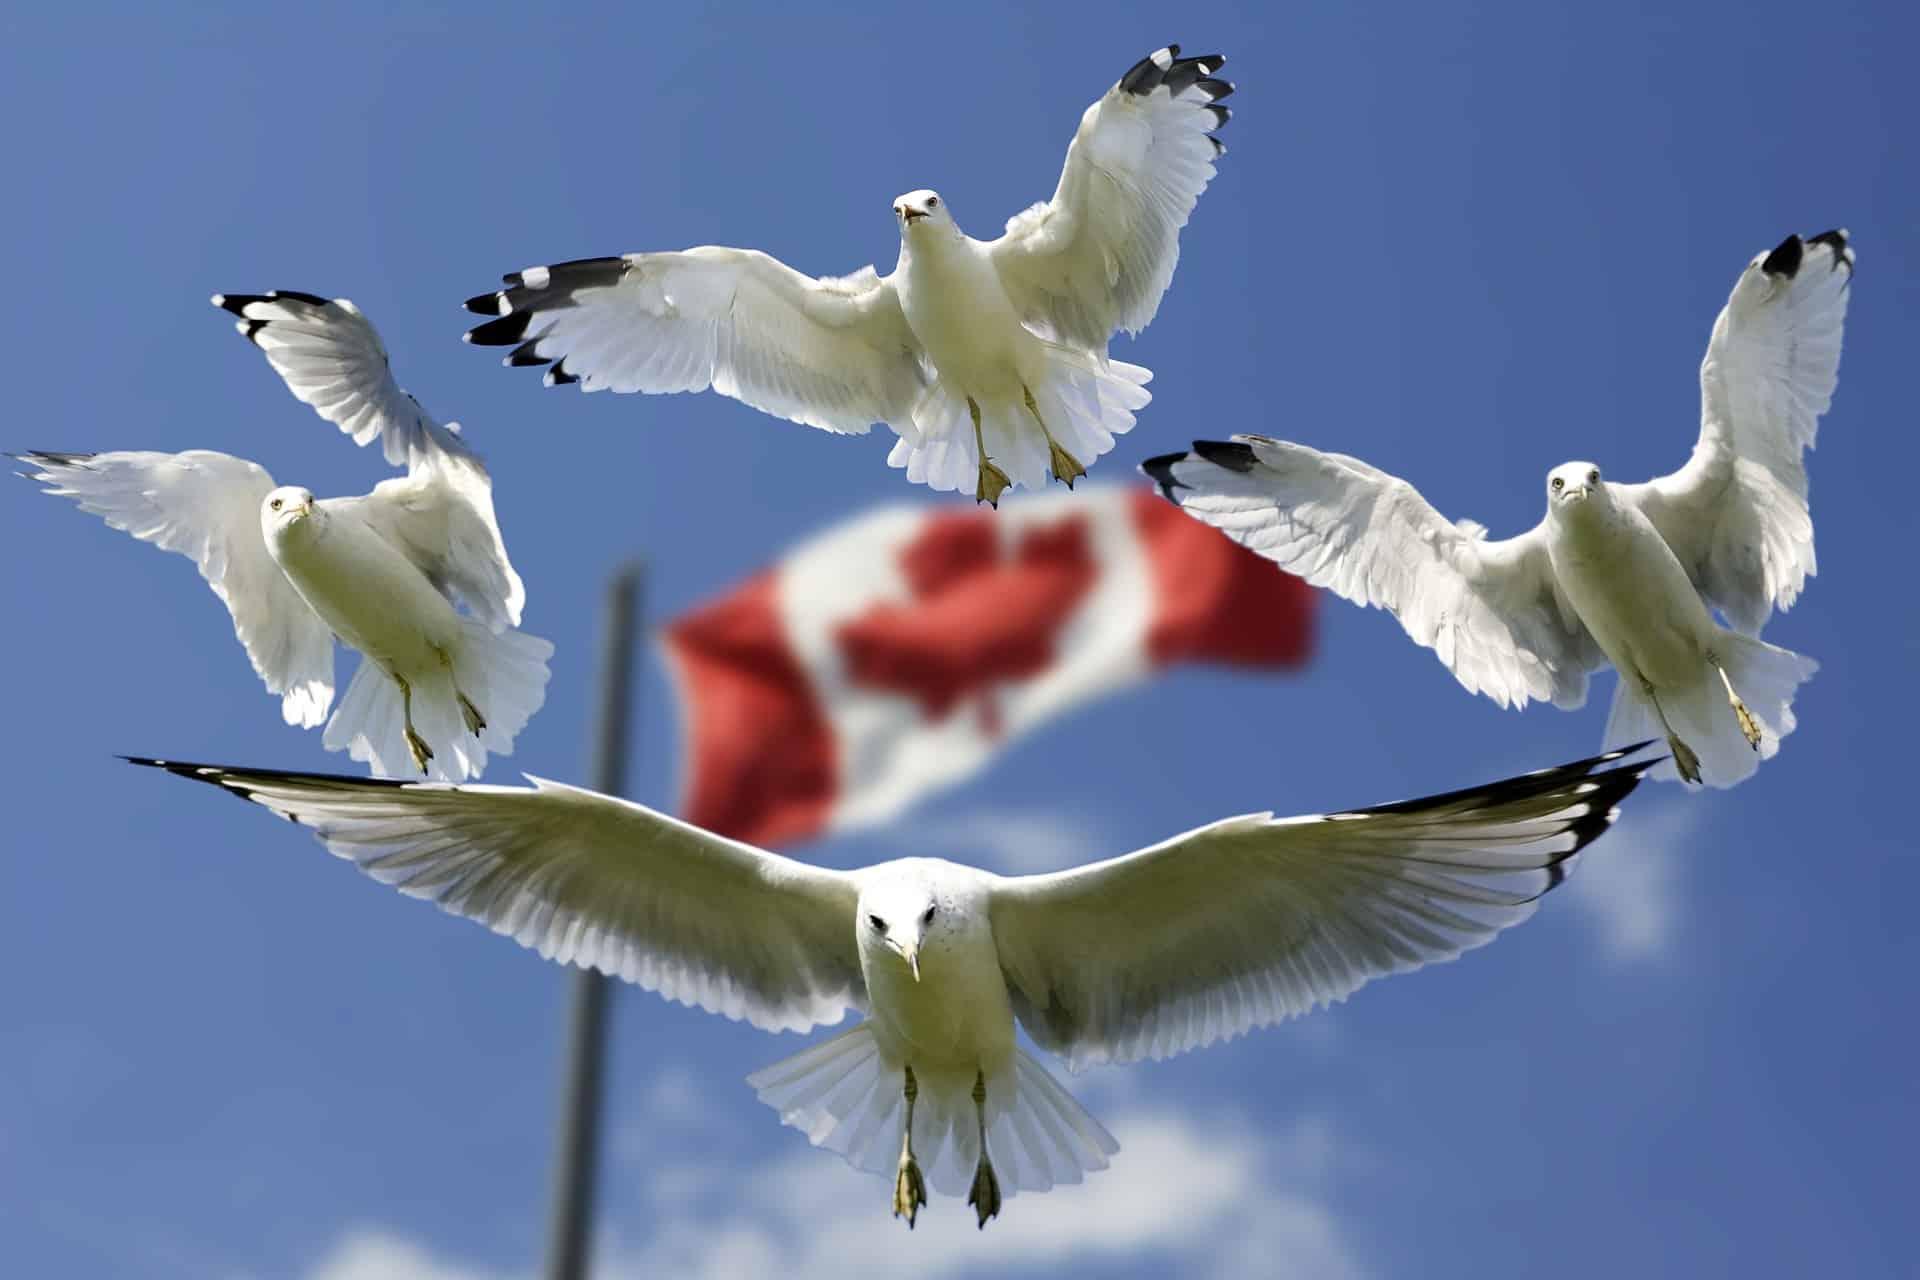 2020'de Kanada'da Çalışmak İçin Tercih Edebileceğiniz Meslekler